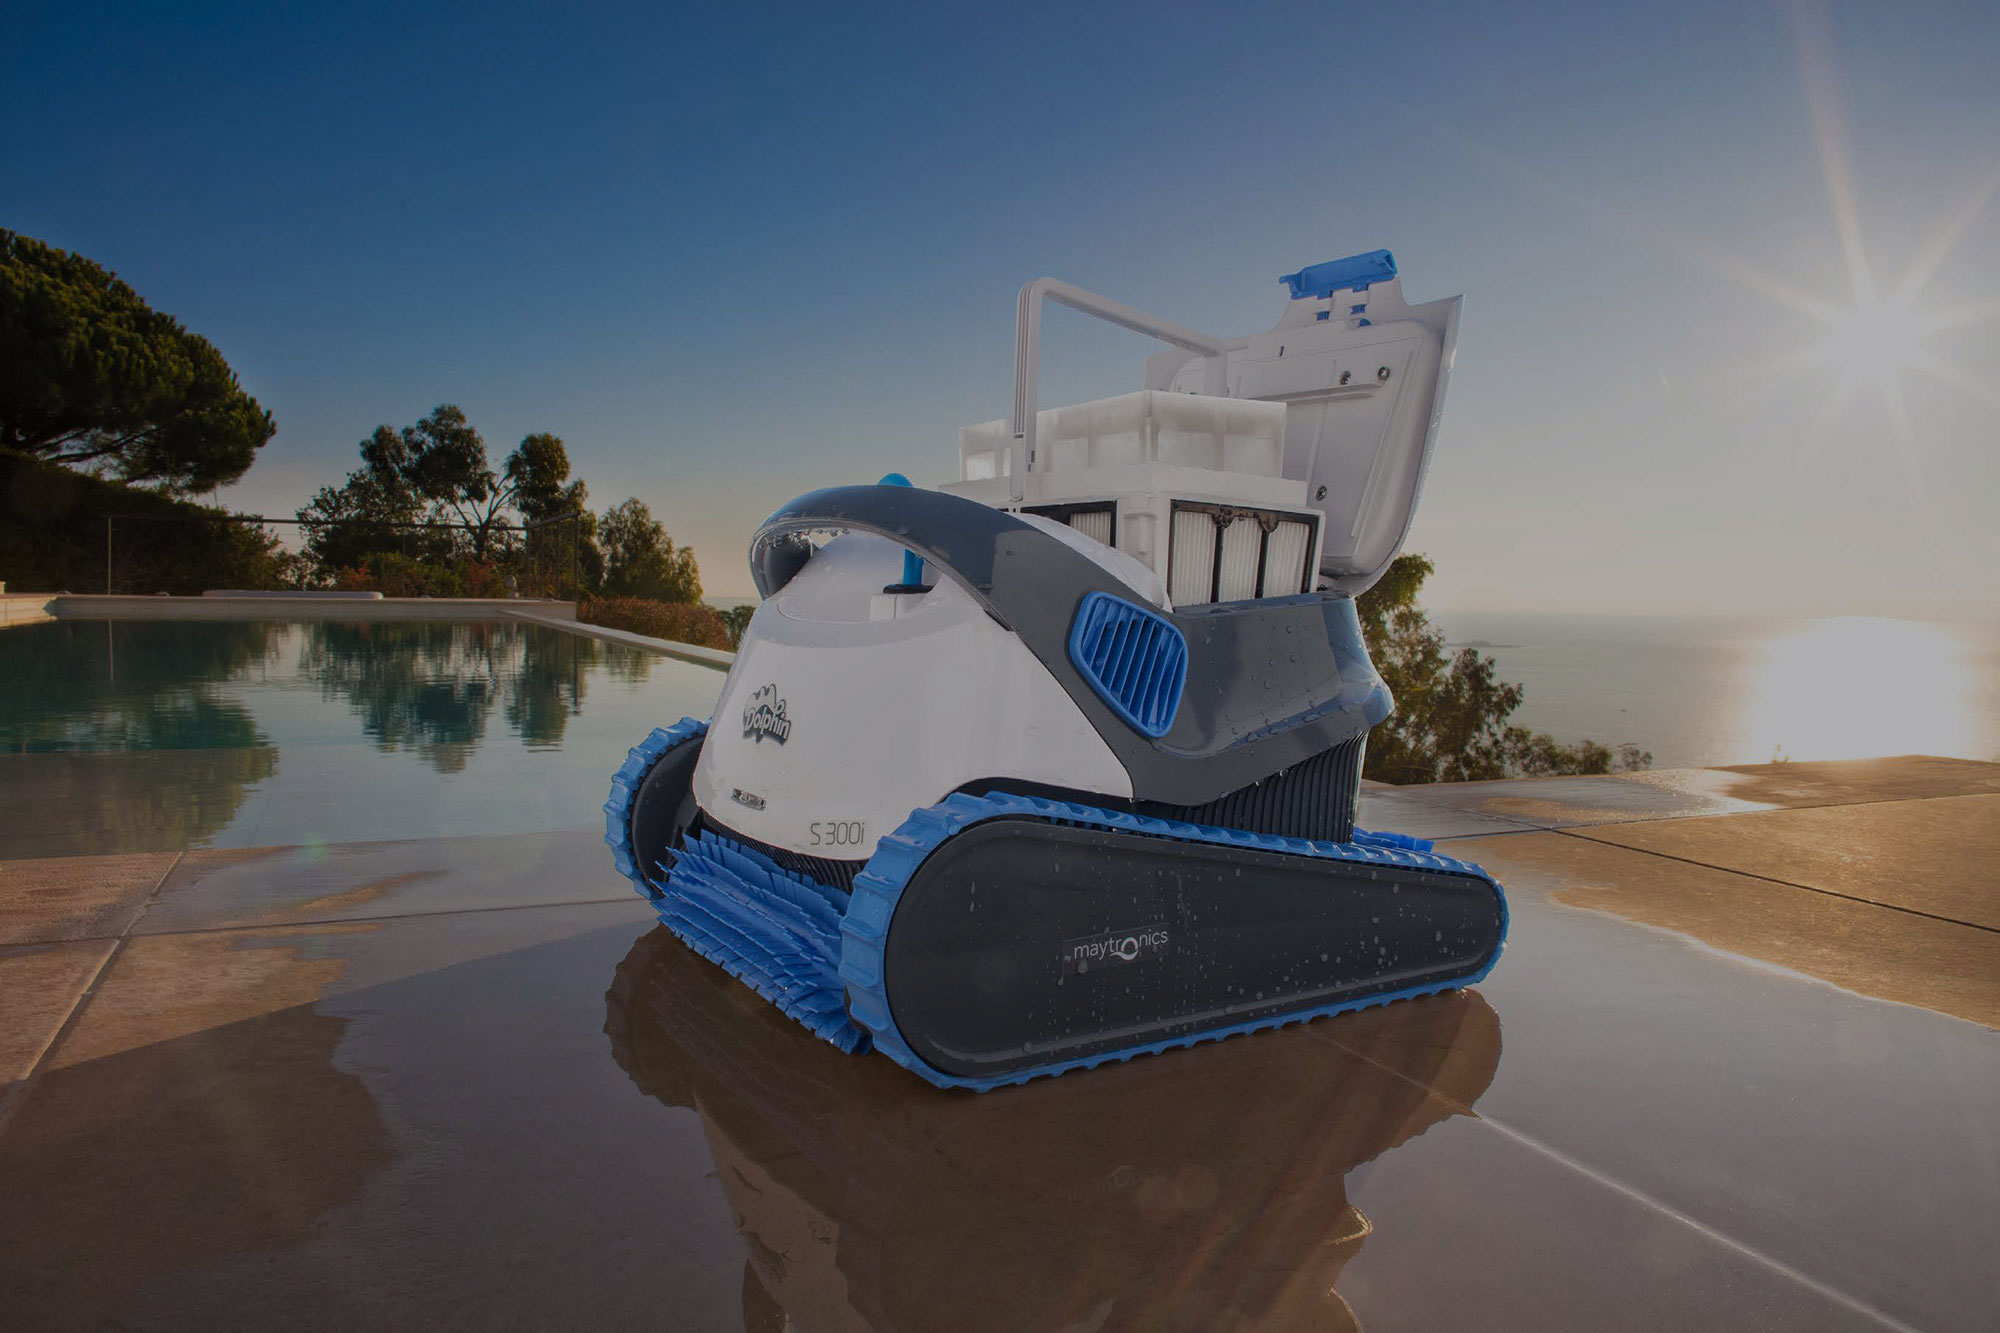 Robot Piscine Dolphin | Leader Des Robots Nettoyeurs De Piscine tout Meilleur Robot Piscine 2017